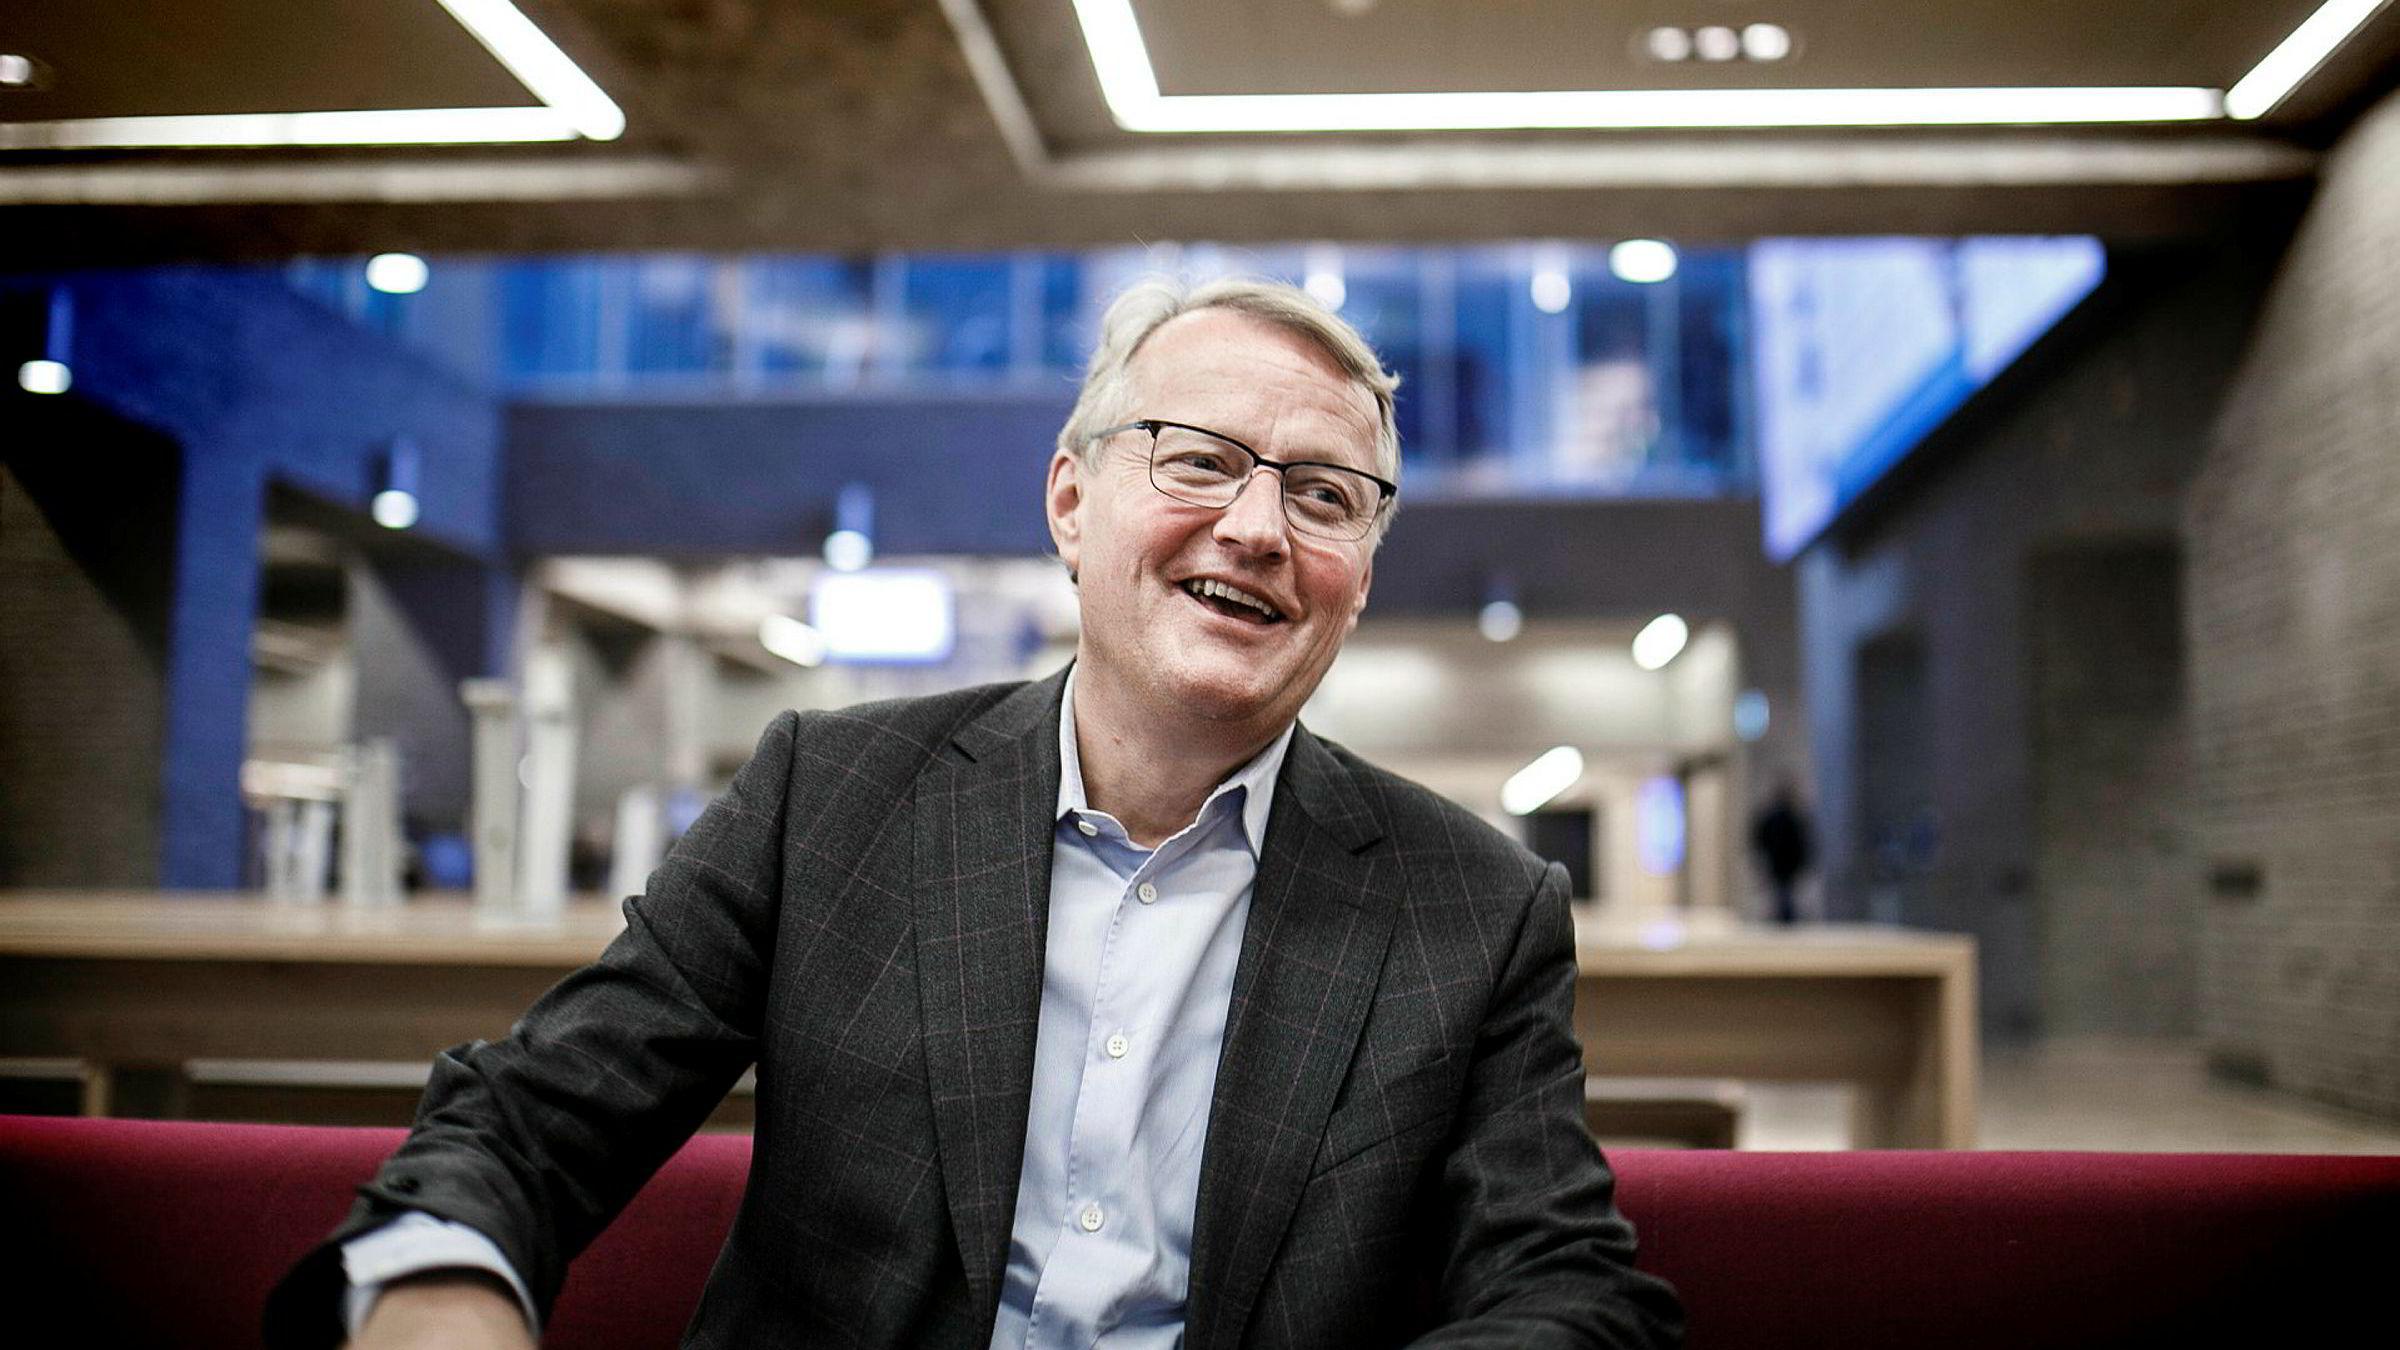 DNBs konsernsjef Rune Bjerke la frem gode resultater for tredje kvartal torsdag morgen. Hittil har de store bankene ventet med å følge opp rentekuttet fra Danske Bank forrige uke.